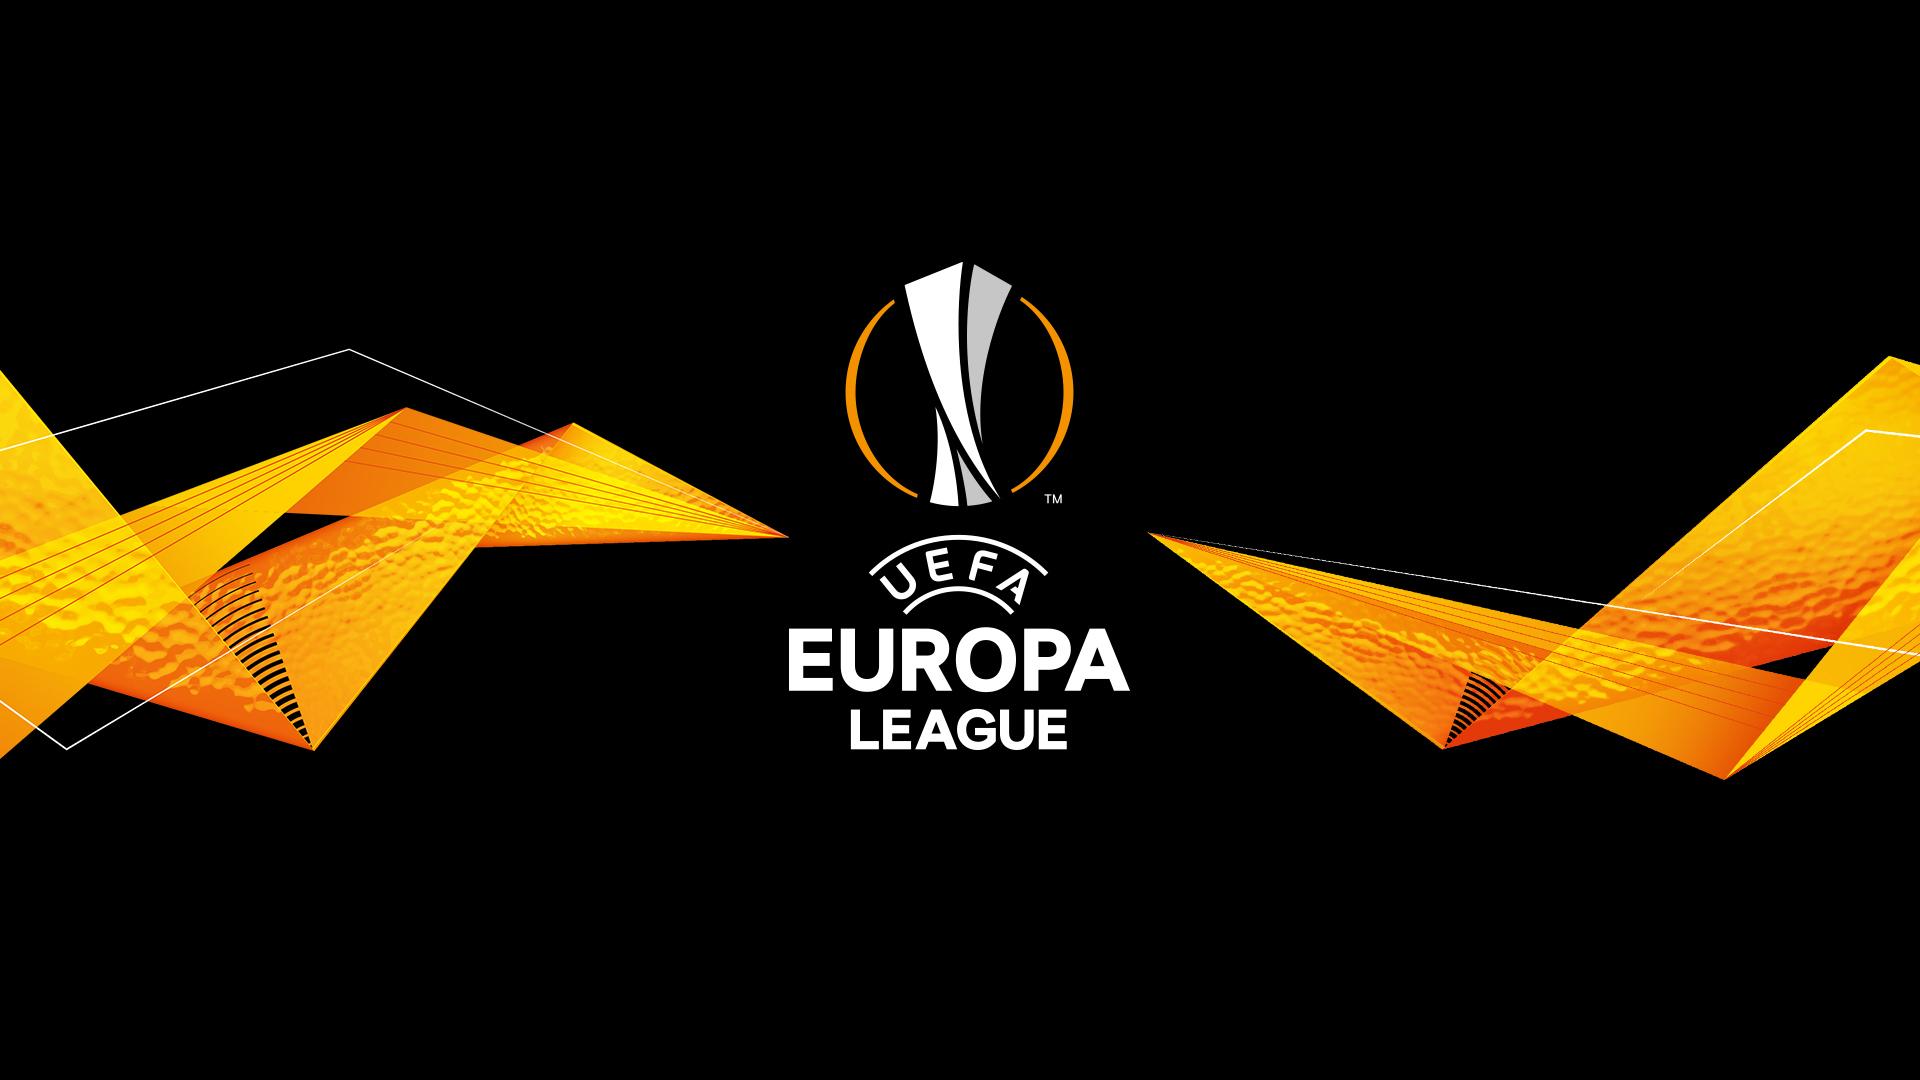 Stasera in tv 10 agosto 2020 Europa League in chiaro su Tv8